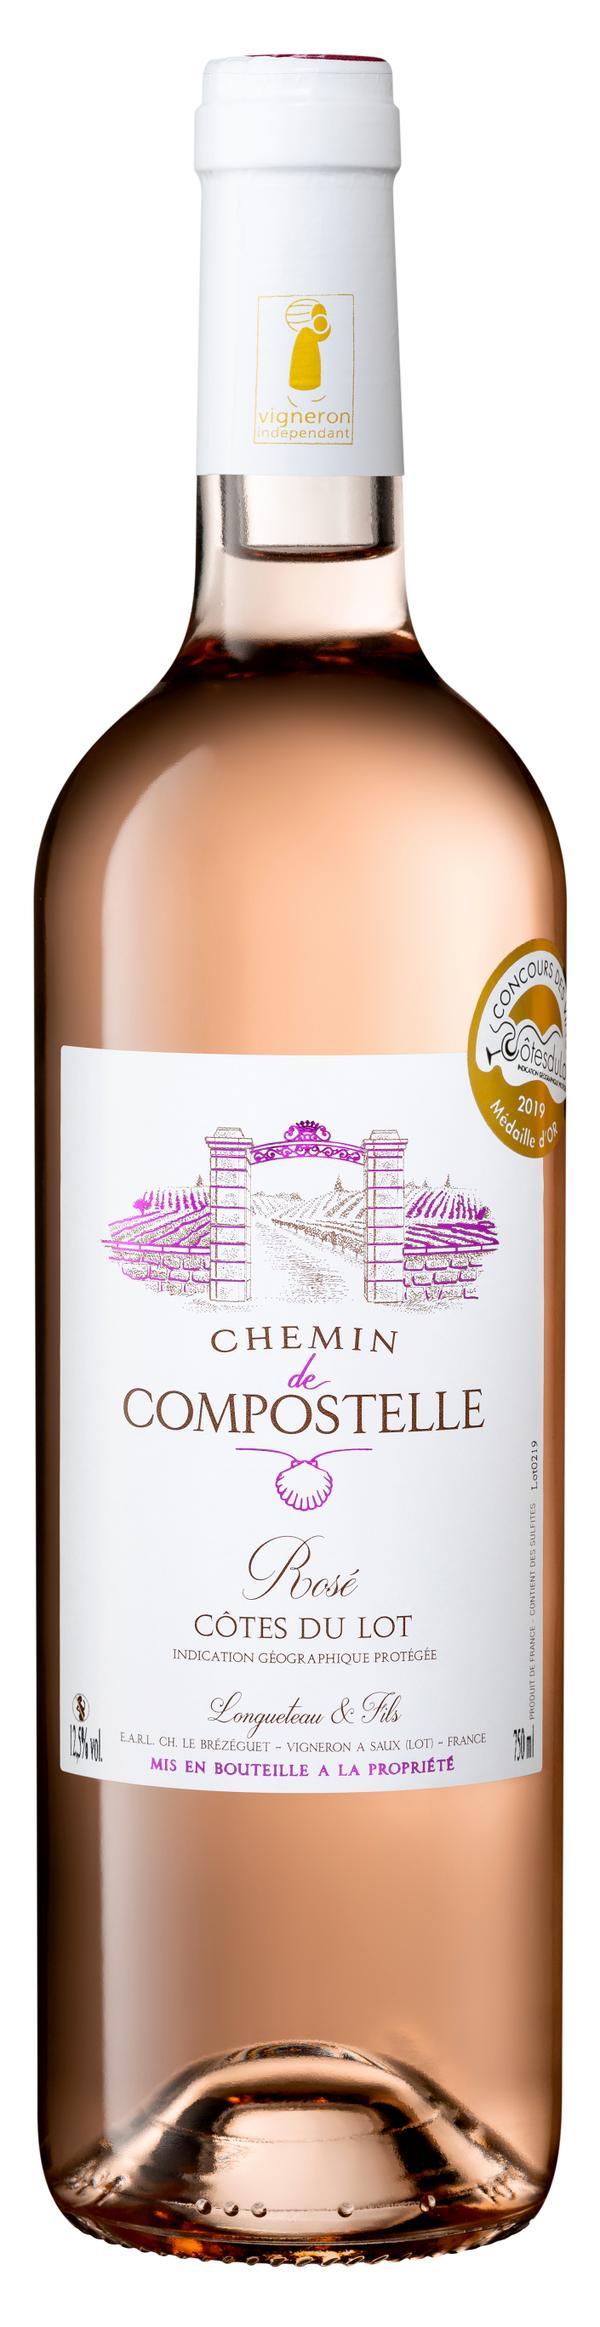 Chemin de Compostelle vin rosé 75 cl